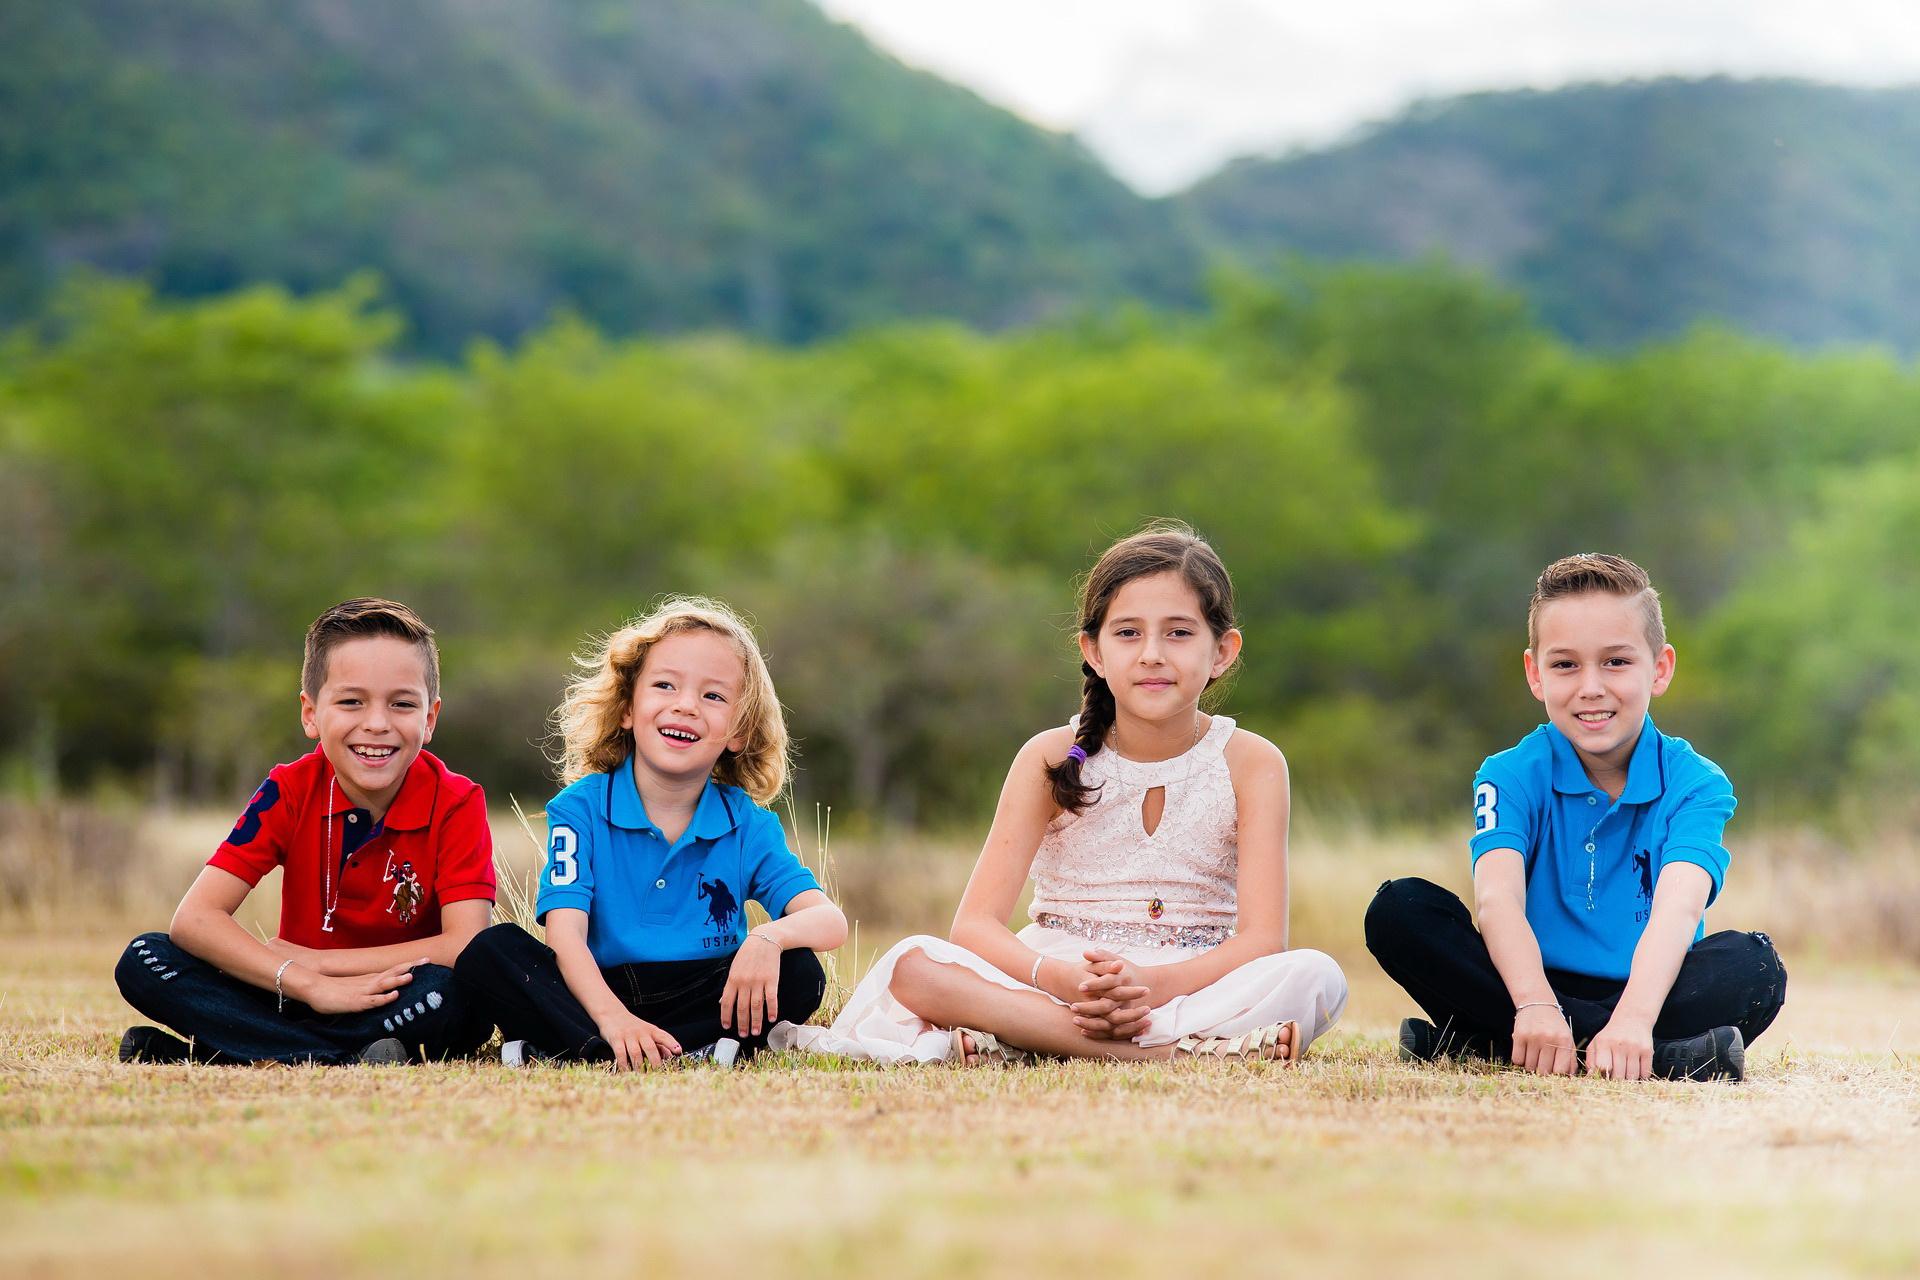 Zabawy ruchowe dla dzieci w szkole i przedszkolu